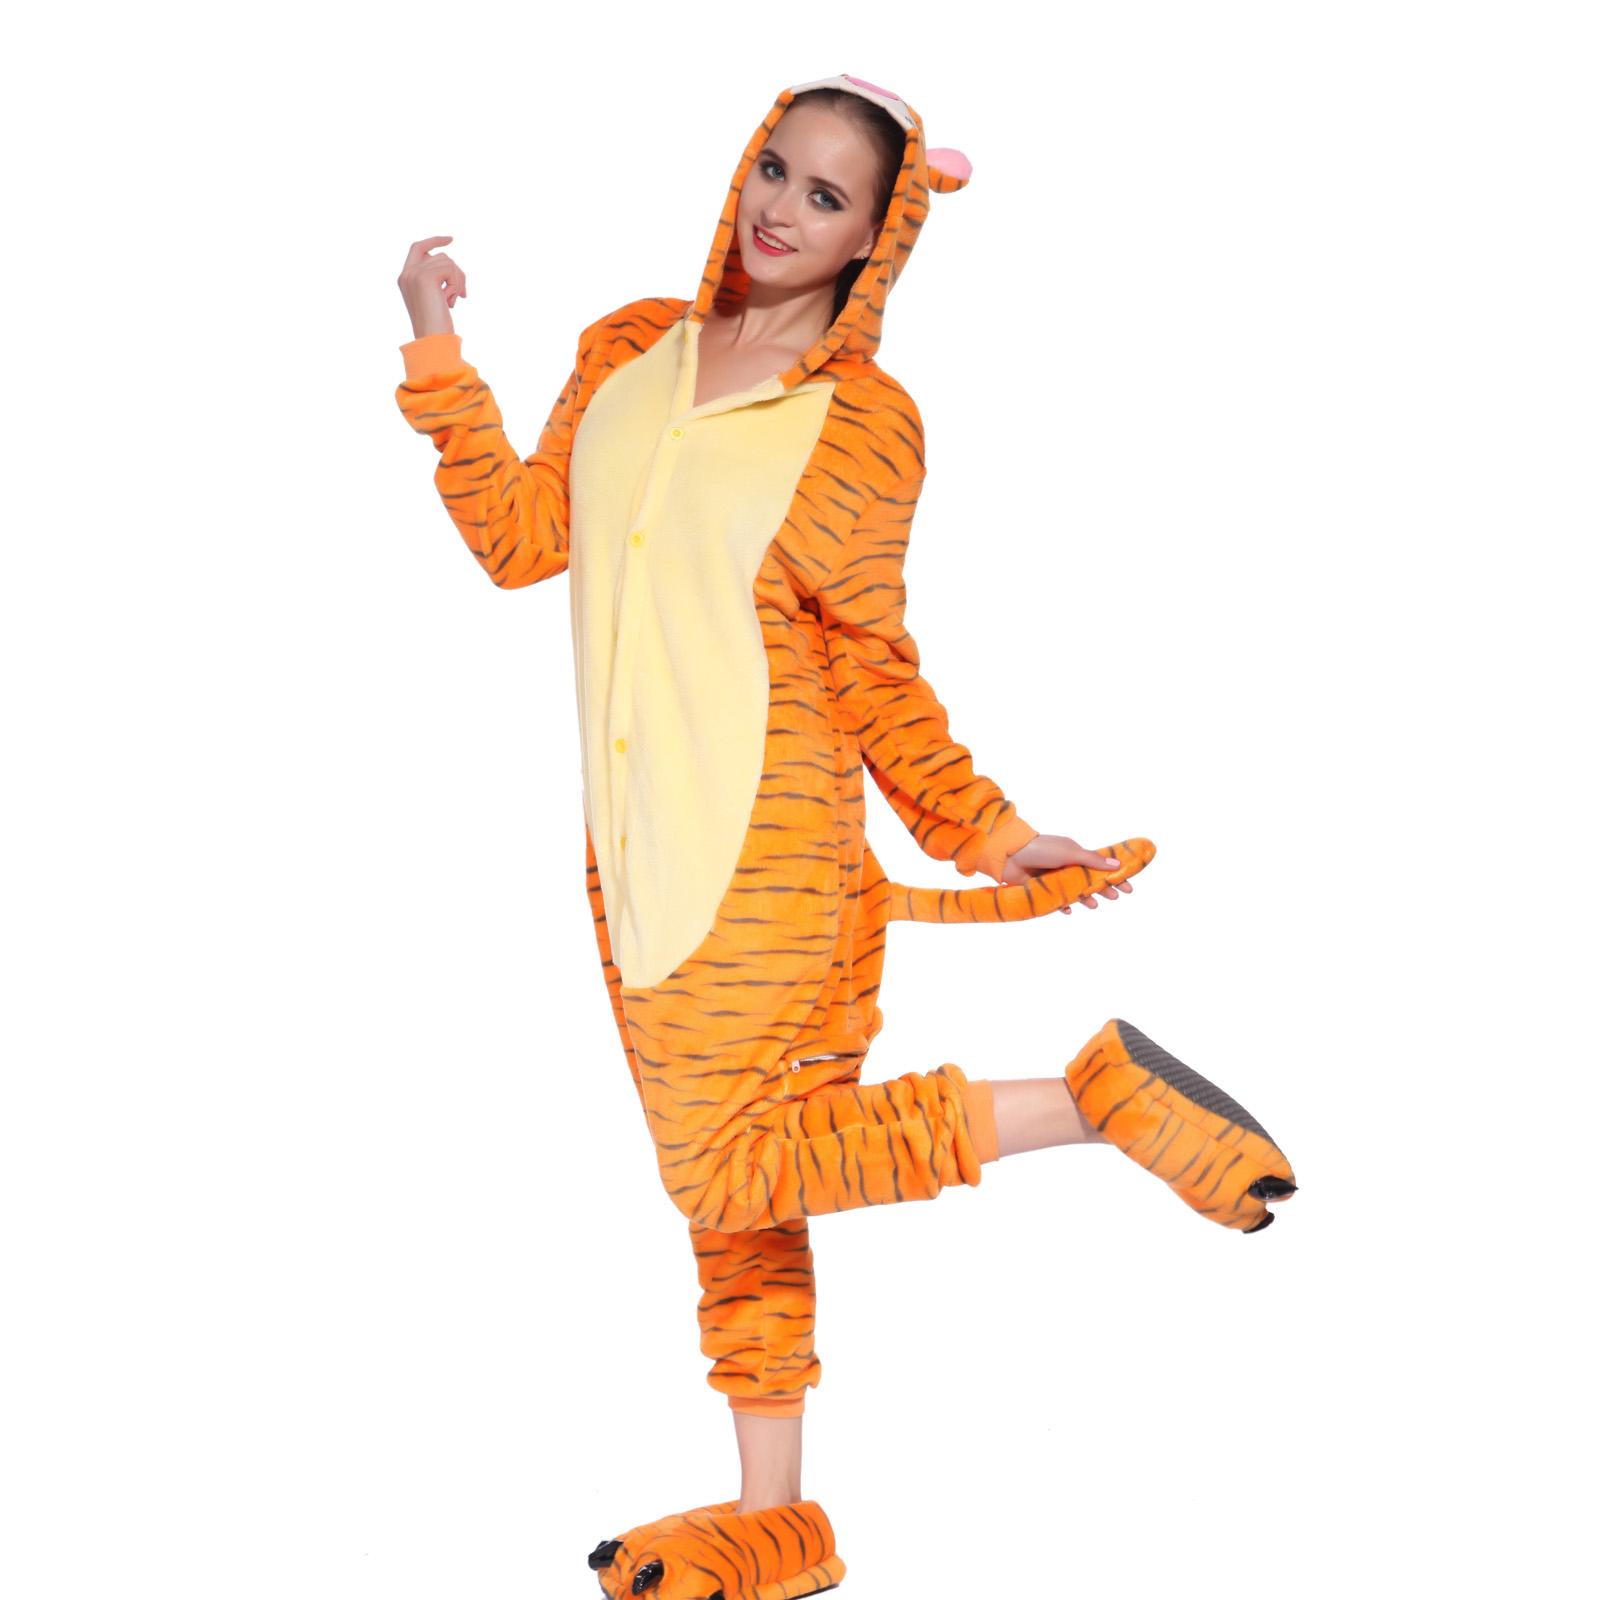 pyjama combinaison lingerie nuit cosplay animal vache zebre mere enfant famille ebay. Black Bedroom Furniture Sets. Home Design Ideas